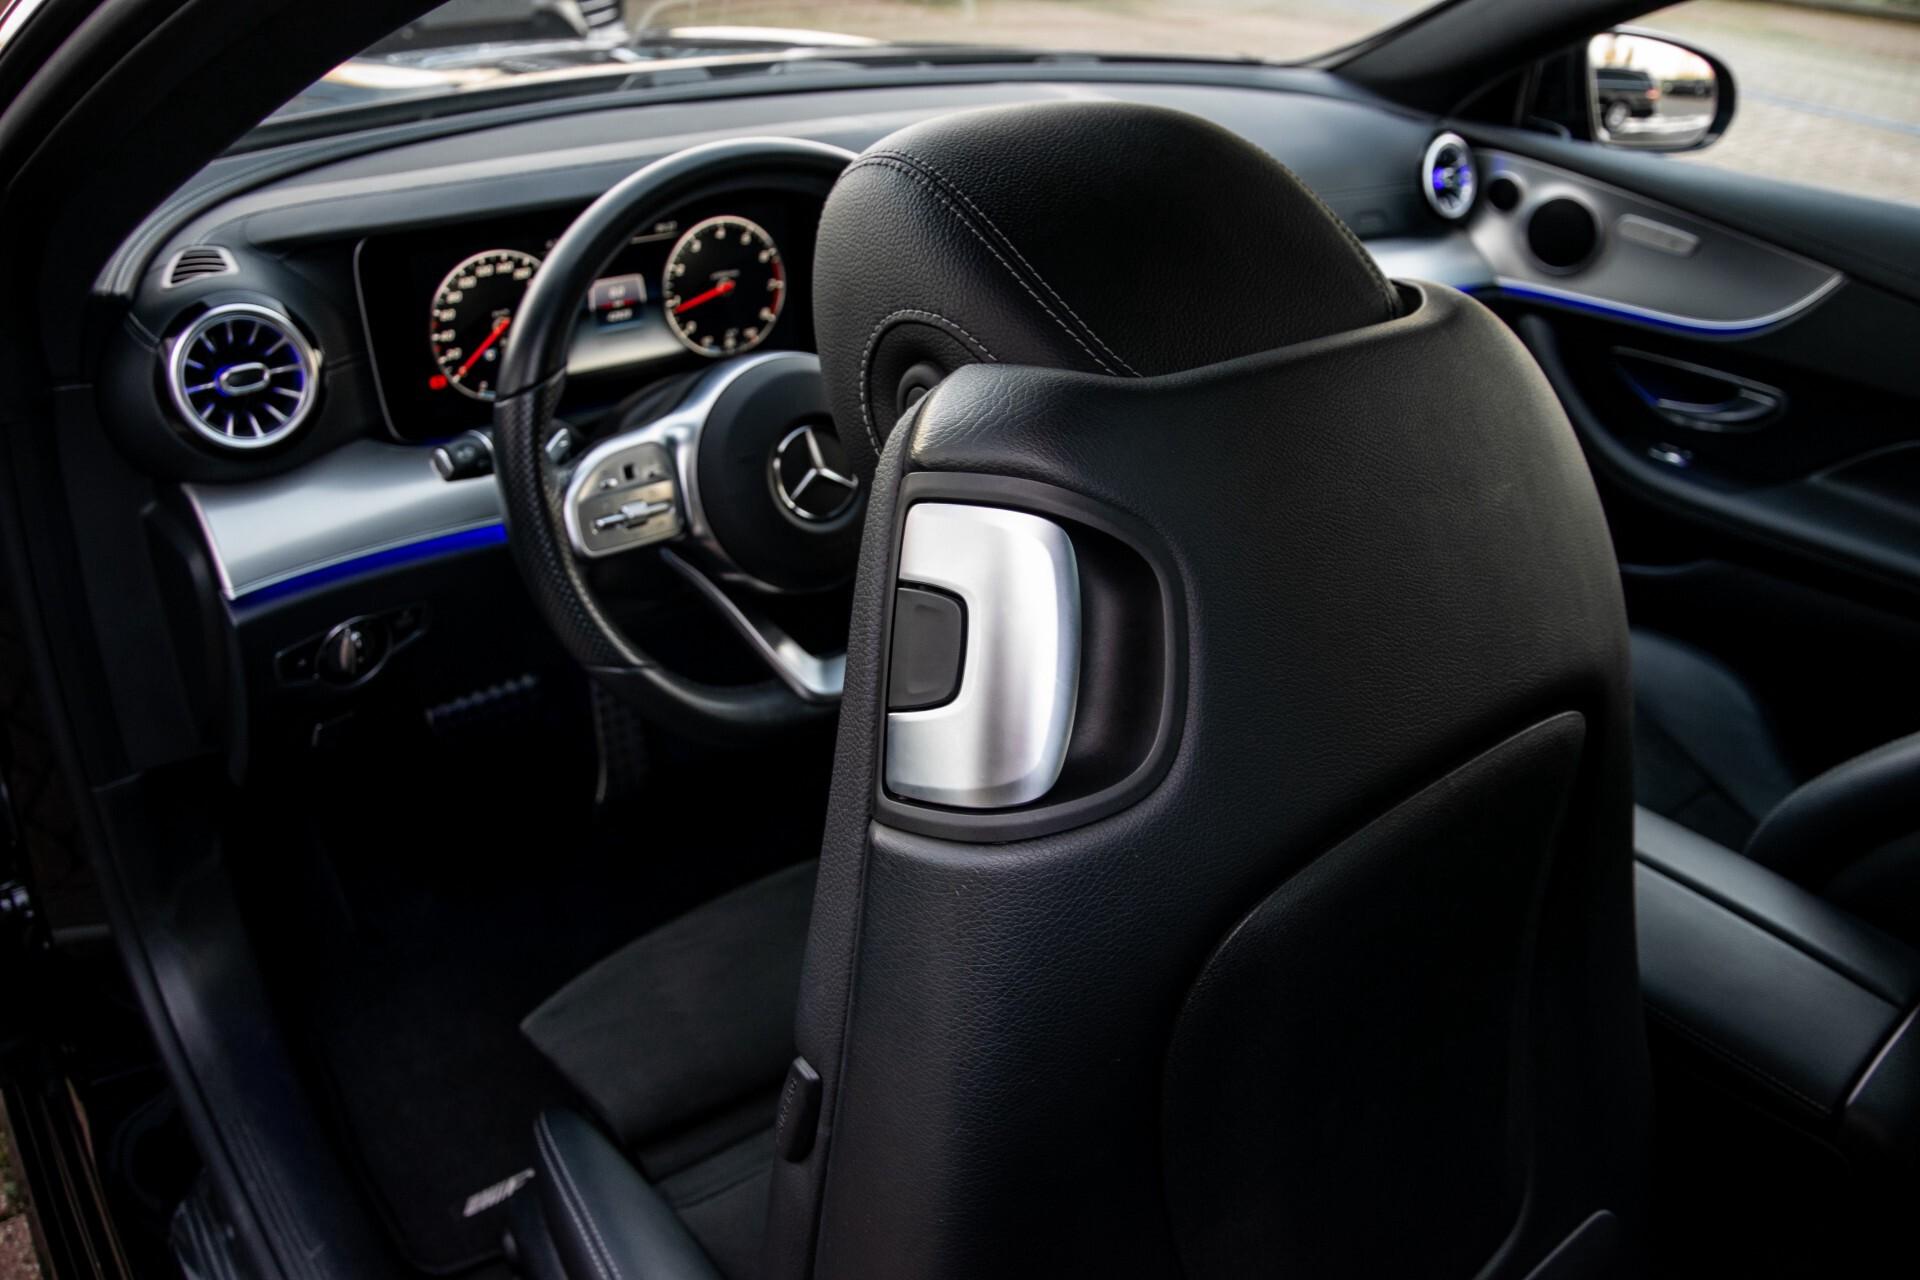 Mercedes-Benz E-Klasse Coupé 200 AMG Panorama/Night/Carbon/Premium/Widescreen/ILS Aut9 Foto 33